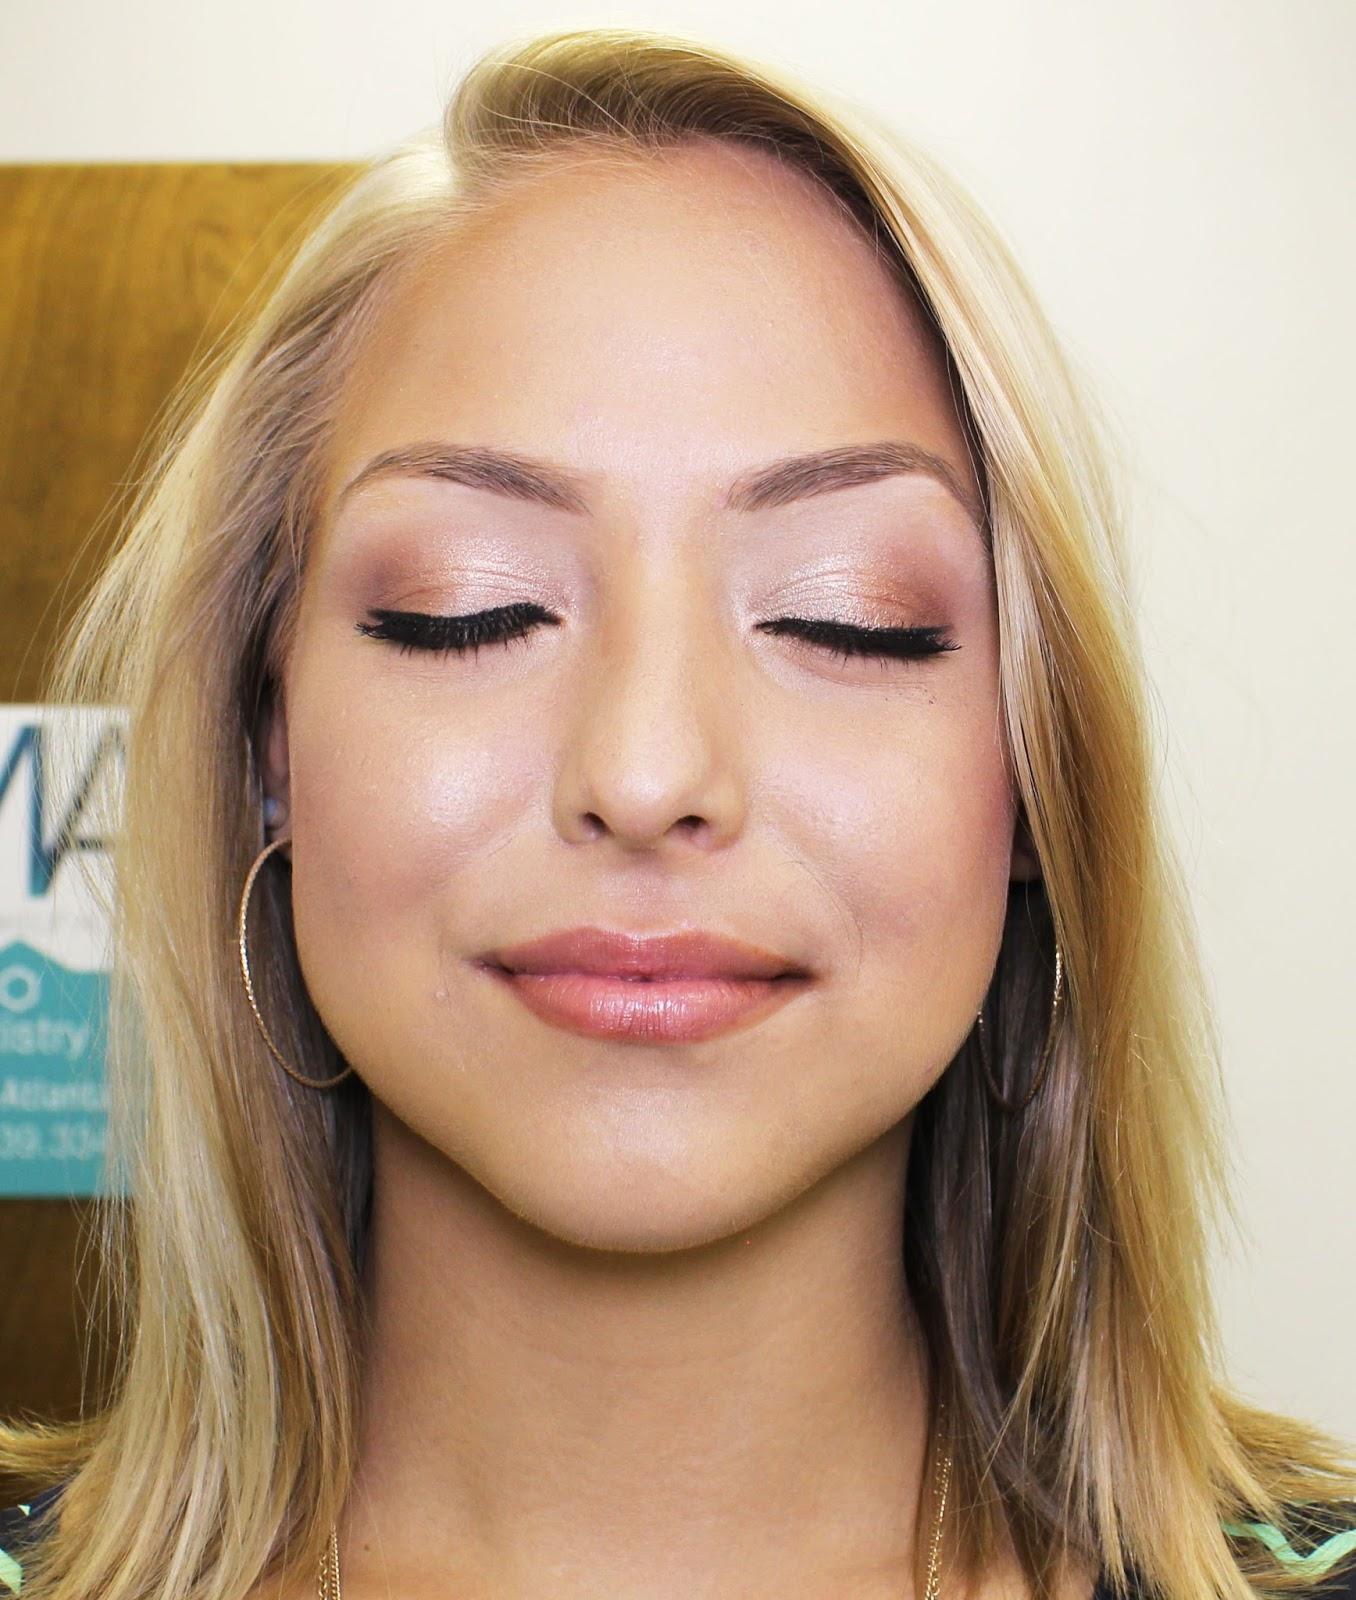 Makeup artist show